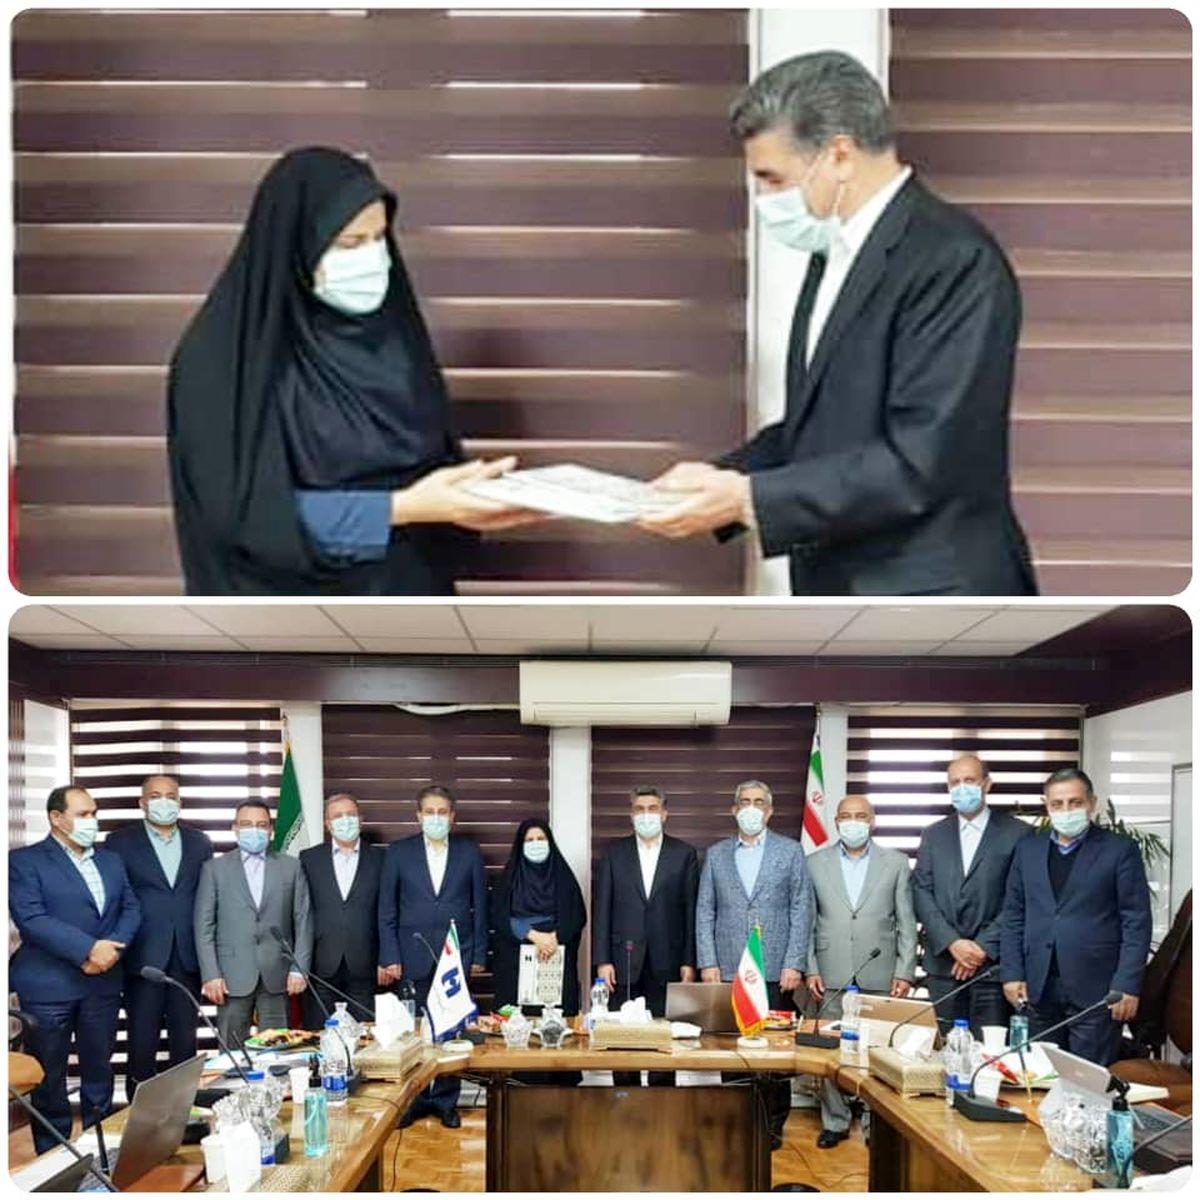 حمیده سپاسی، مدیر امور حقوقی و وصول مطالبات بانک صادرات ایران شد